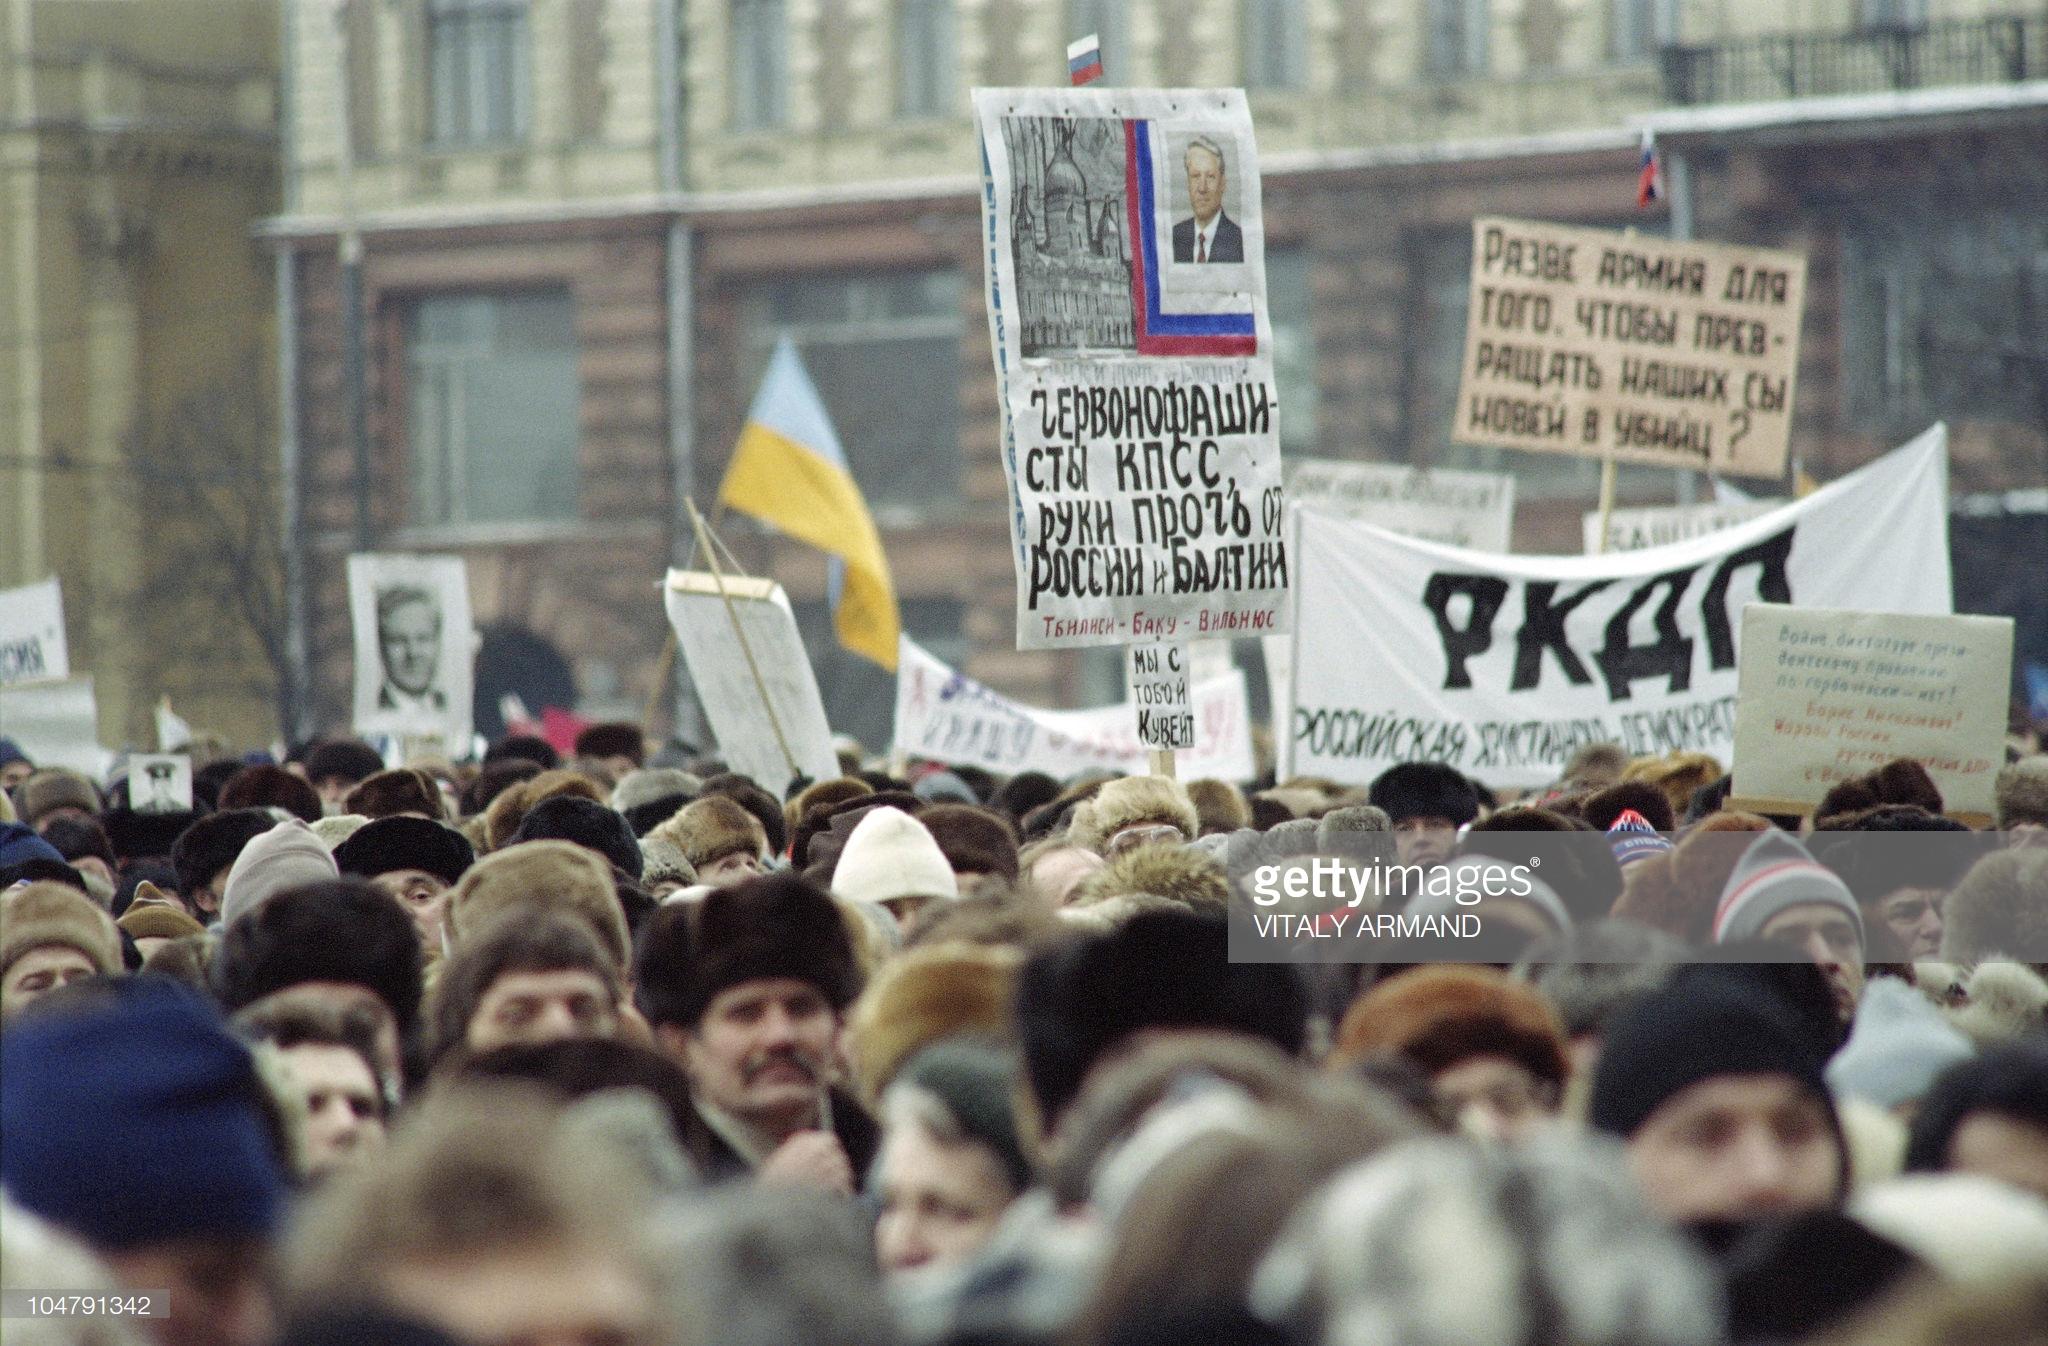 Демонстрация 20 января. 100000 демонстрантов в марше на Кремль